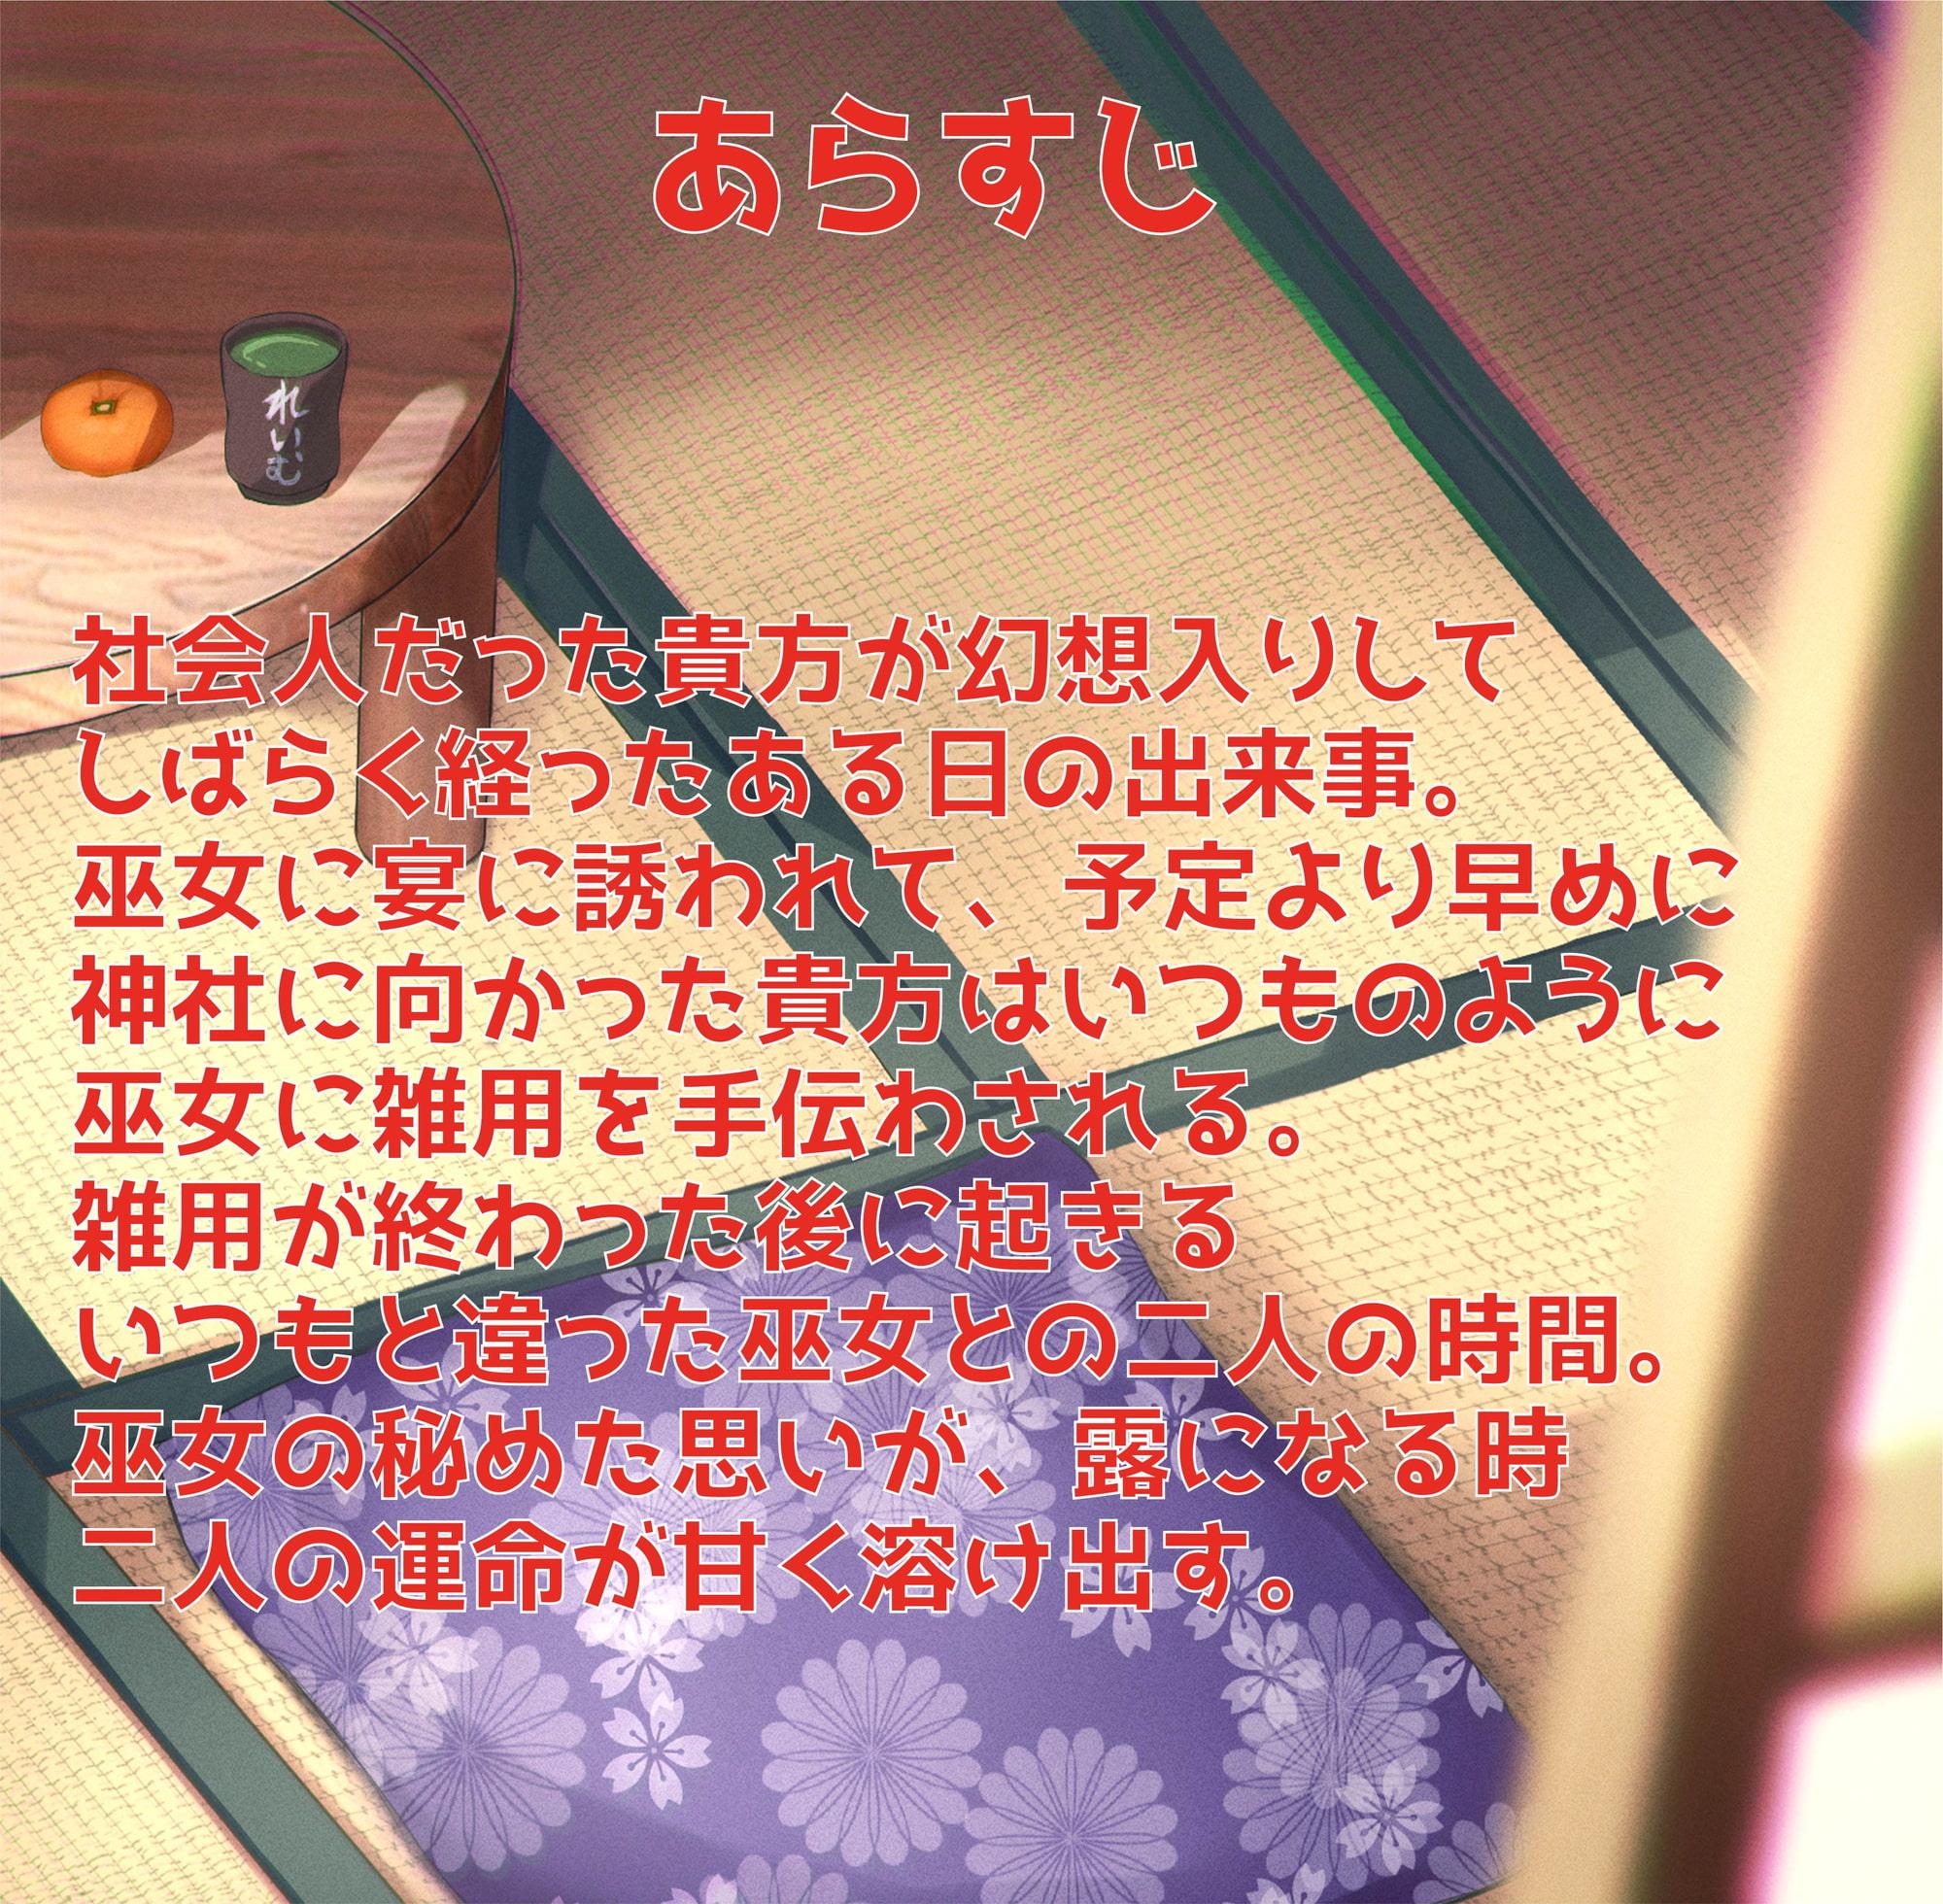 東方幻想甘露譚Vol1 楽園の素敵な巫女様からの甘いご褒美(商品番号:RJ329364)